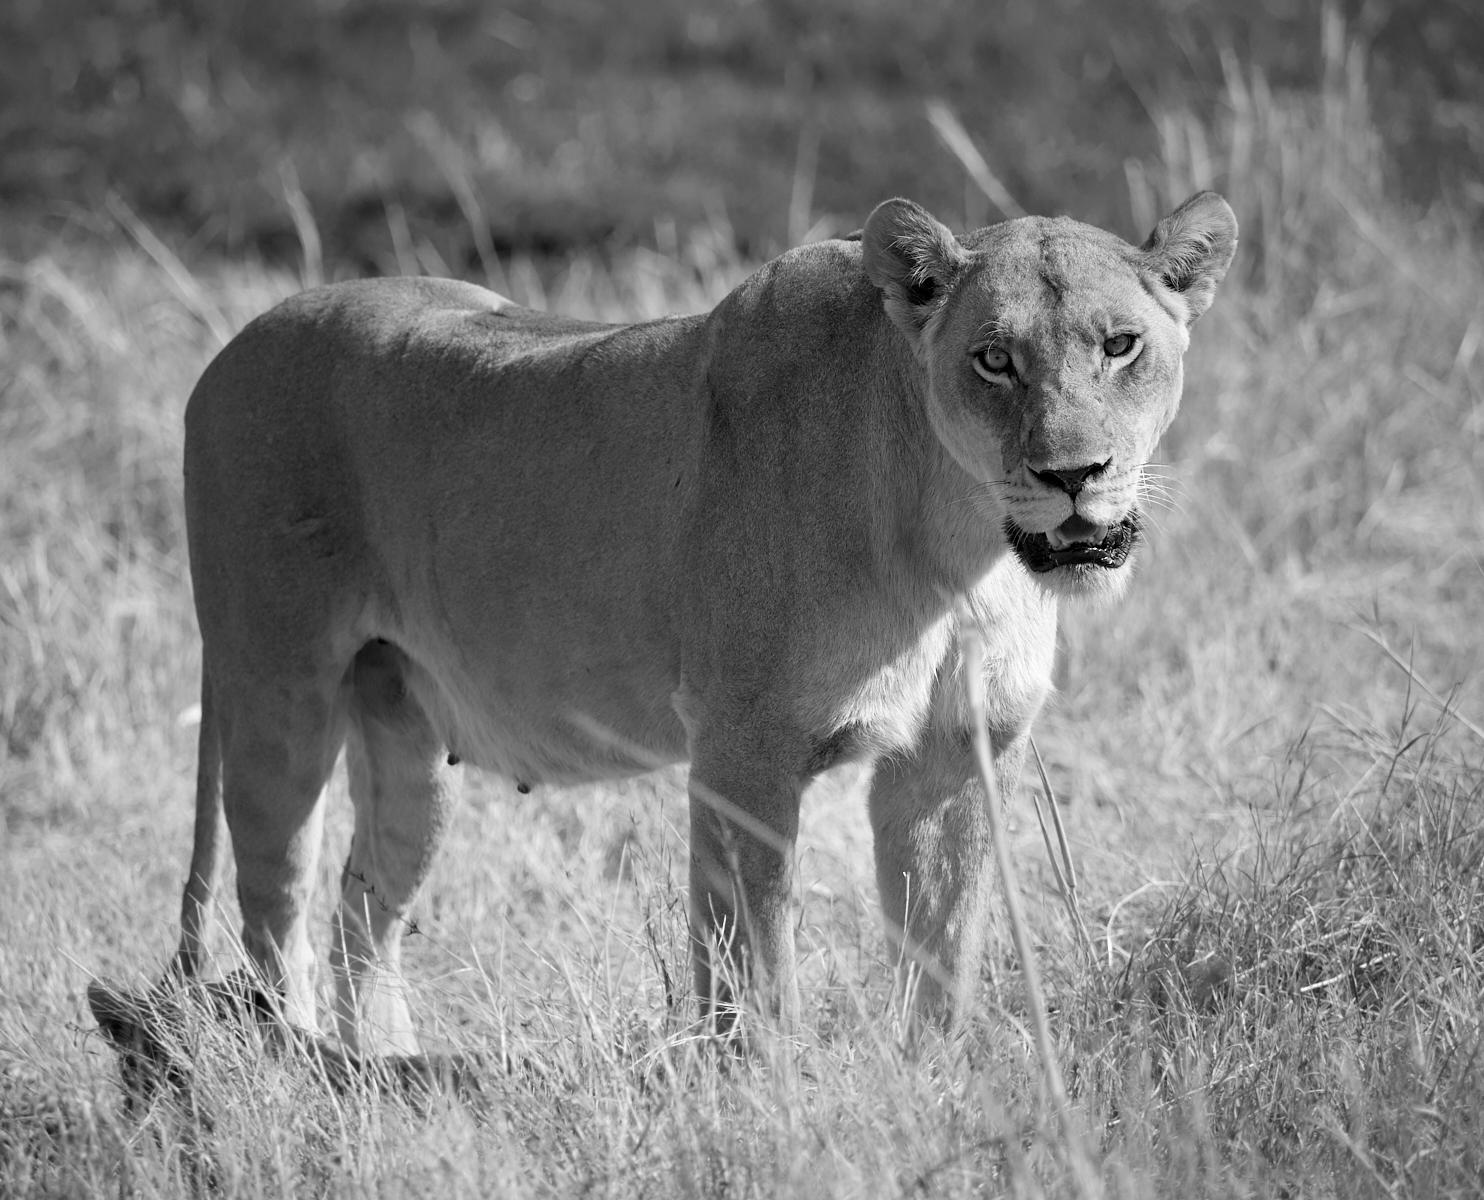 Moremi lioness 1600x1200 sRGB.jpg